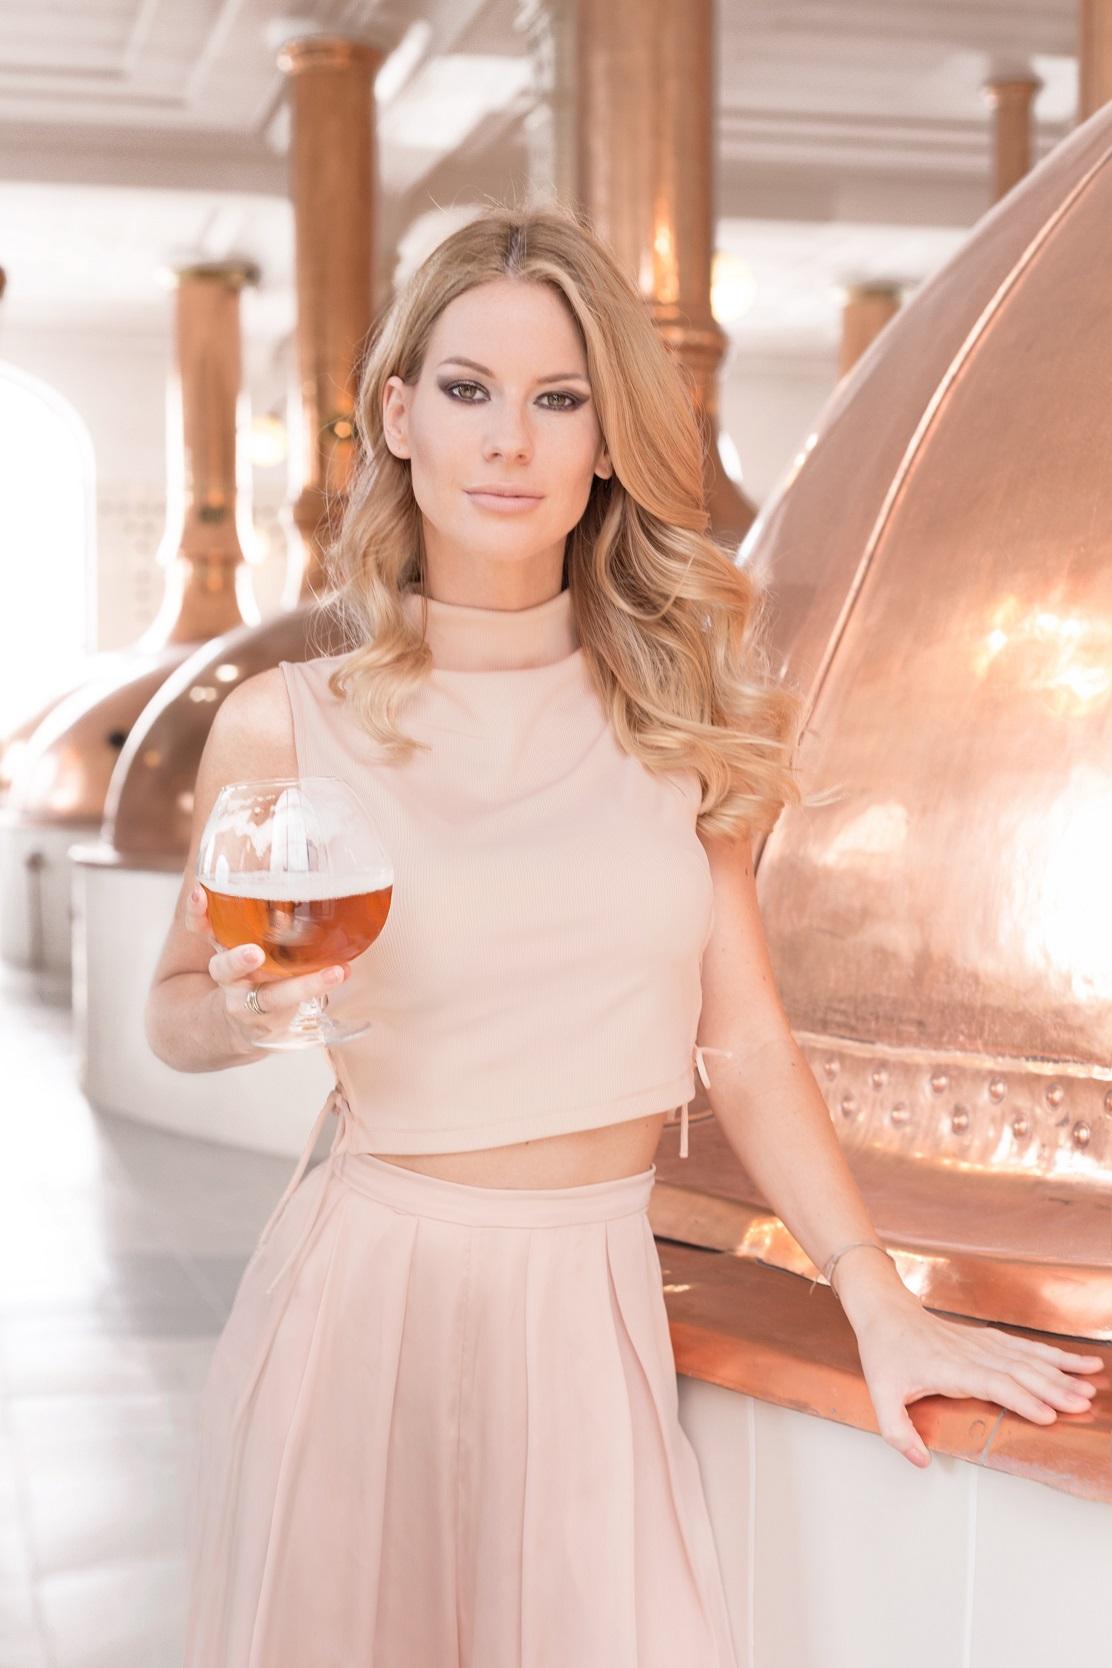 A Sör mi több eseménysorozatról<br />A Magyar Sörgyártók Szövetségének célja, hogy a világszerte reneszánszát élő sör az őt megillető helyére kerülhessen a hazai fogyasztók asztalán. A szövetség kiemelt eseménysorozata, a Sör mi több elkötelezett amellett, hogy elmélyítse a hazai sörkultúrát és új oldalairól mutassa be ezt a természetes italt.<br />